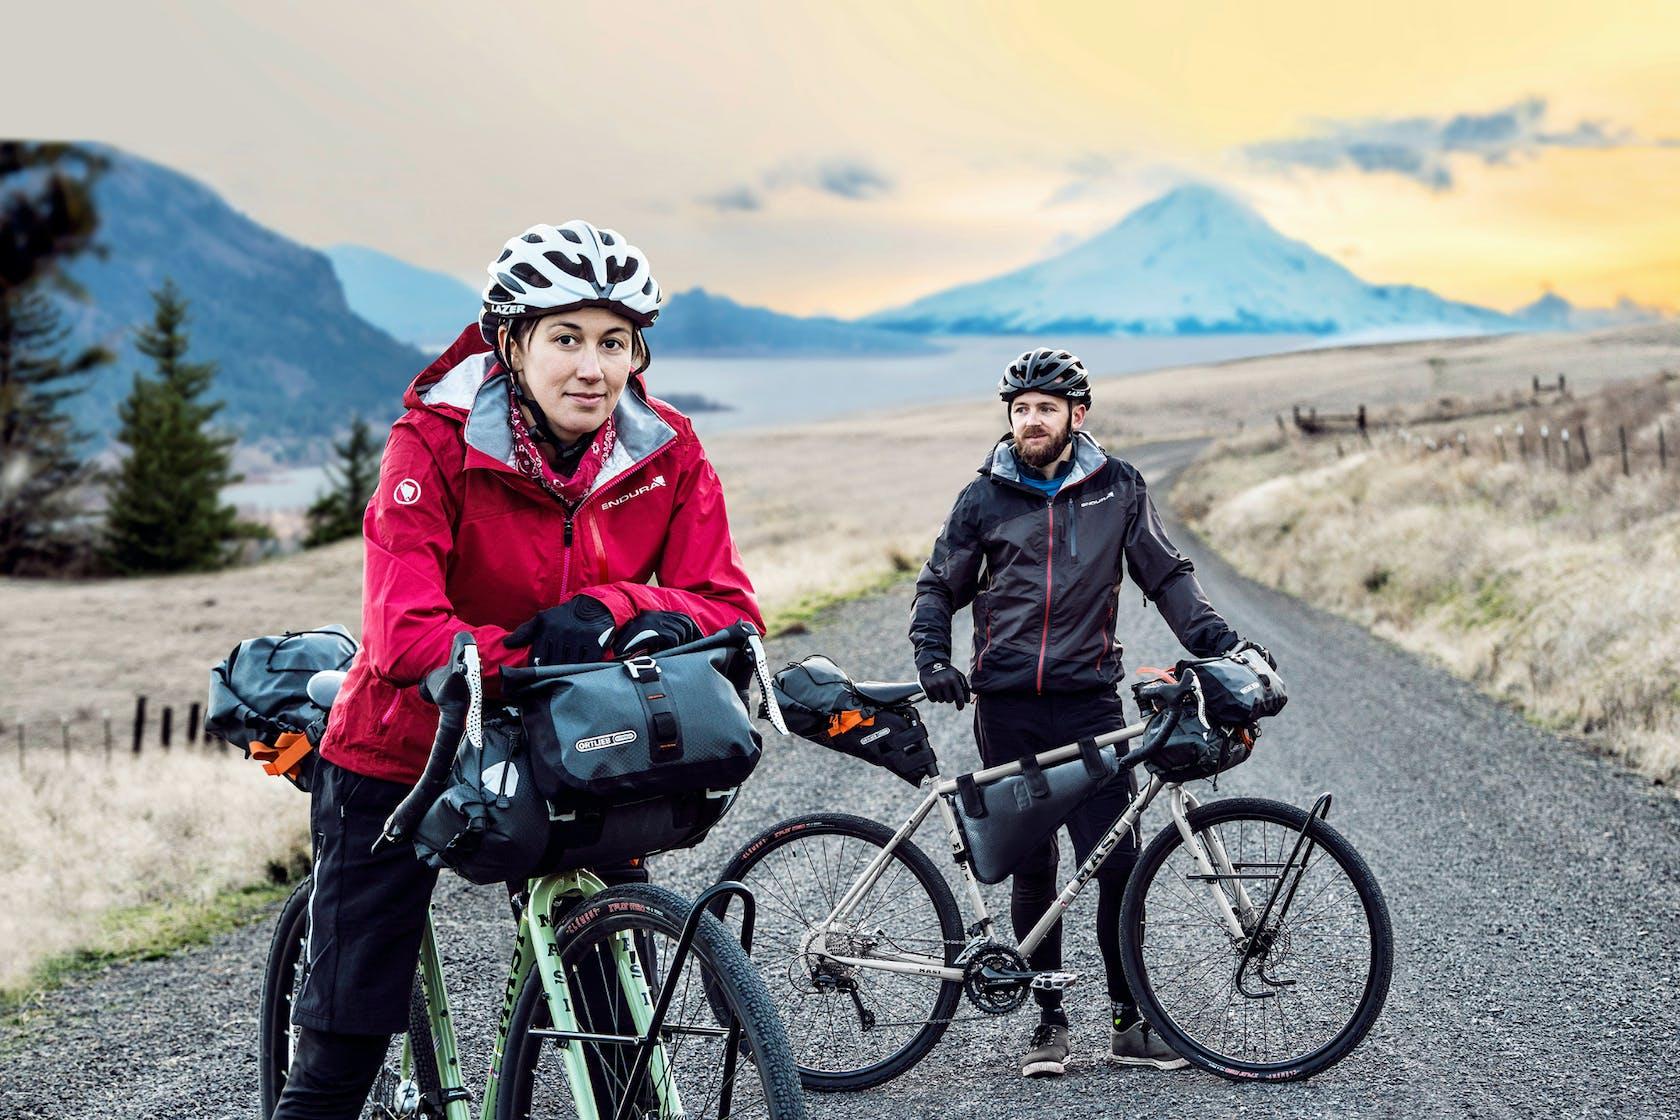 bici da trekking & travel shop online